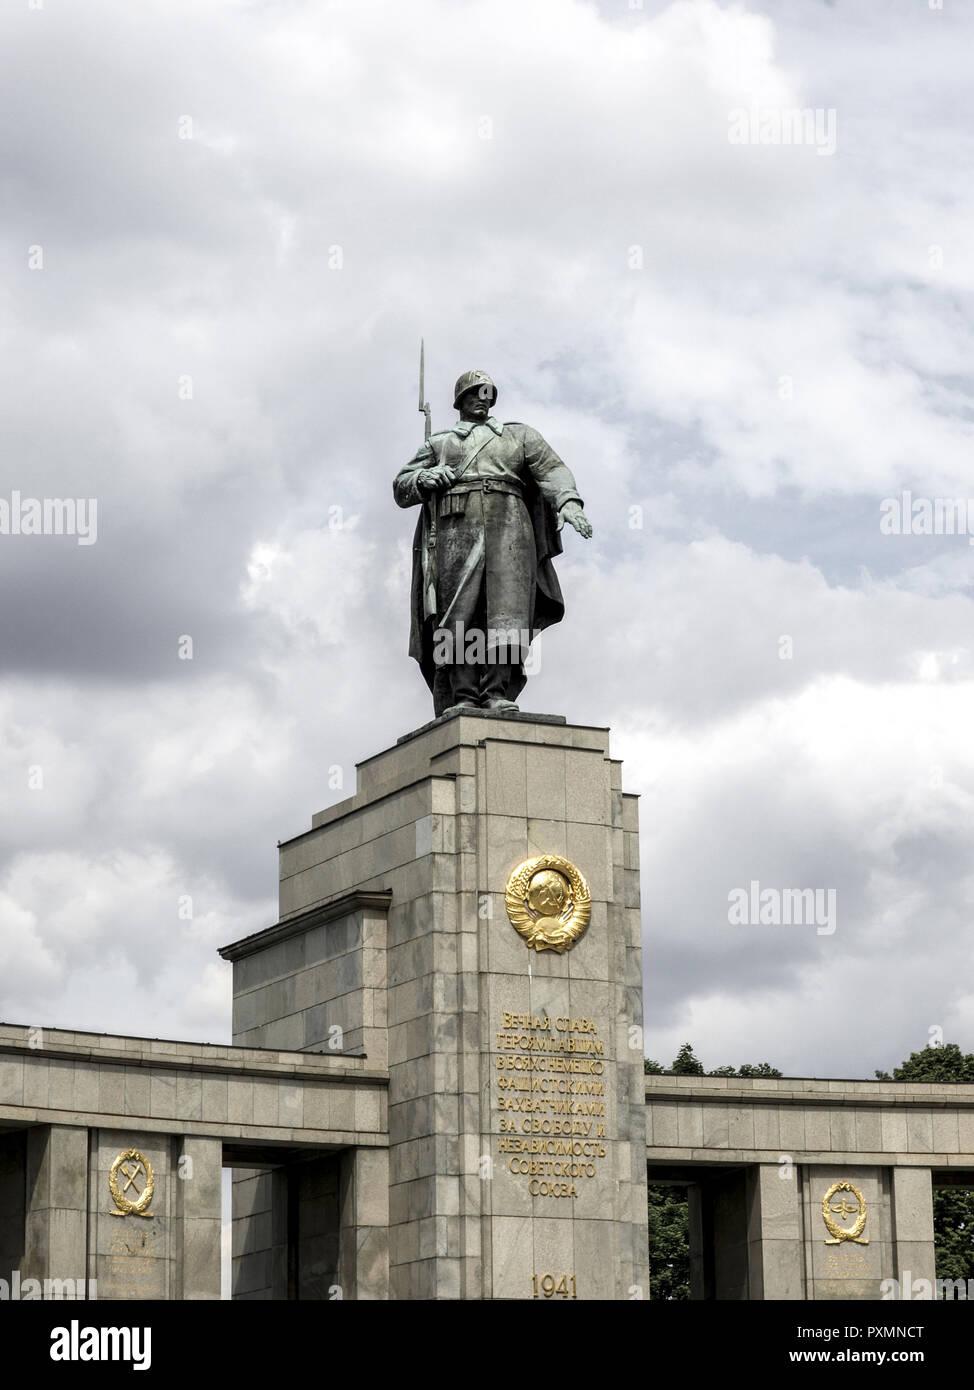 Deutschland, Berlin, Europa, Hauptstadt, Stadt, Sehenswuerdigkeit, Sowjetisches Ehrenmal zum Gedenken der gefallenen Soldaten der Roten Armee, Strasse - Stock Image